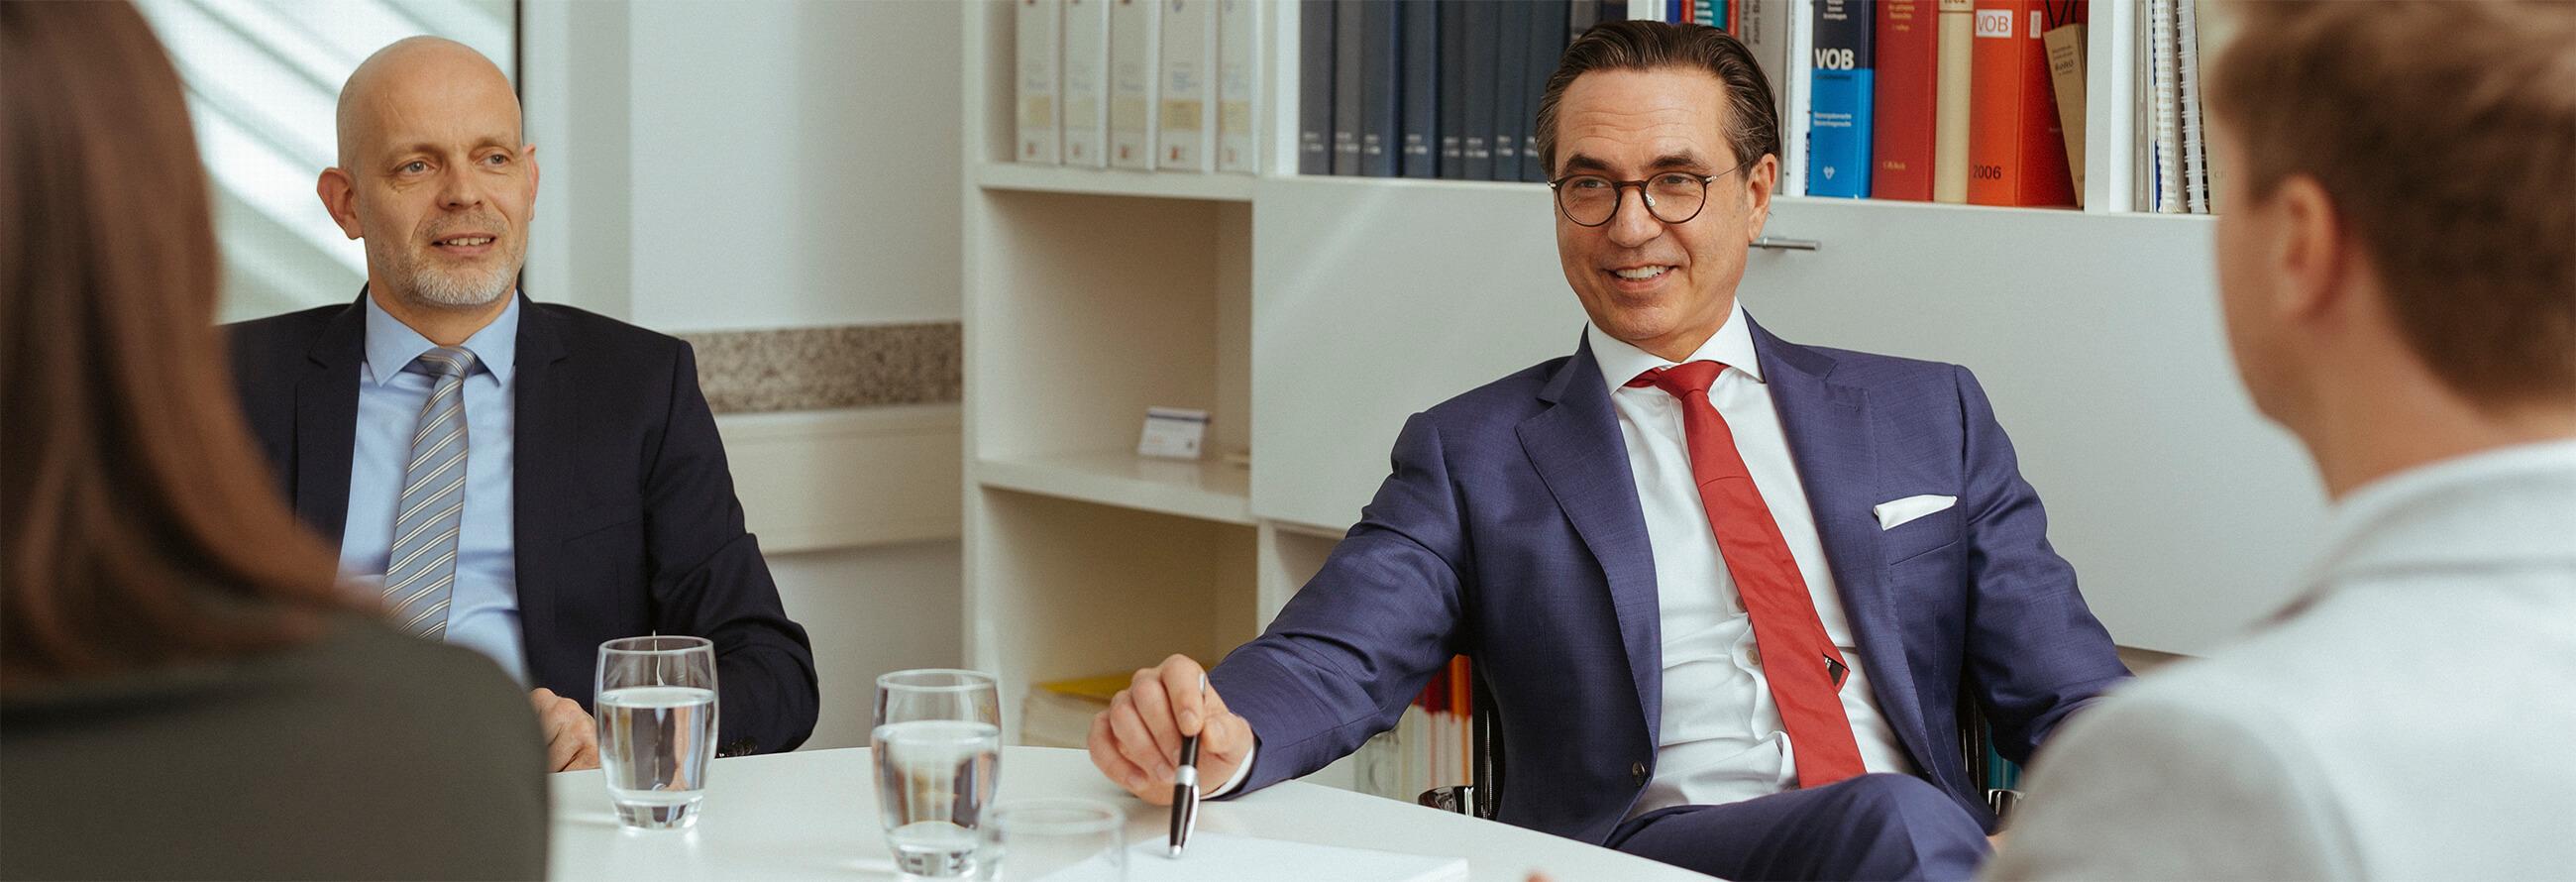 Bugla Rechtsanwälte im Kundengespräch